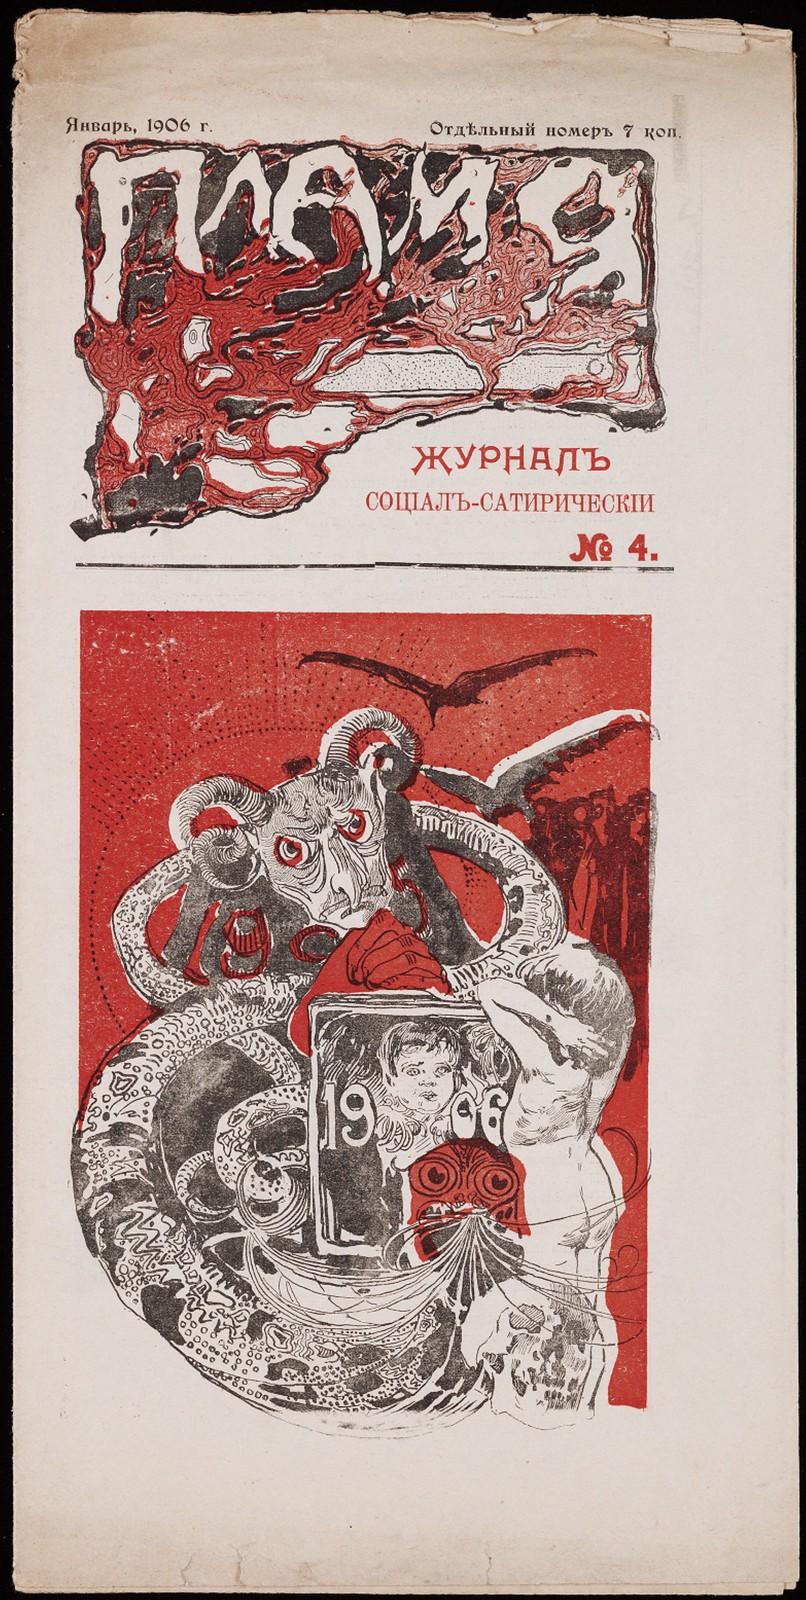 Plamia, Issue 4, 1905